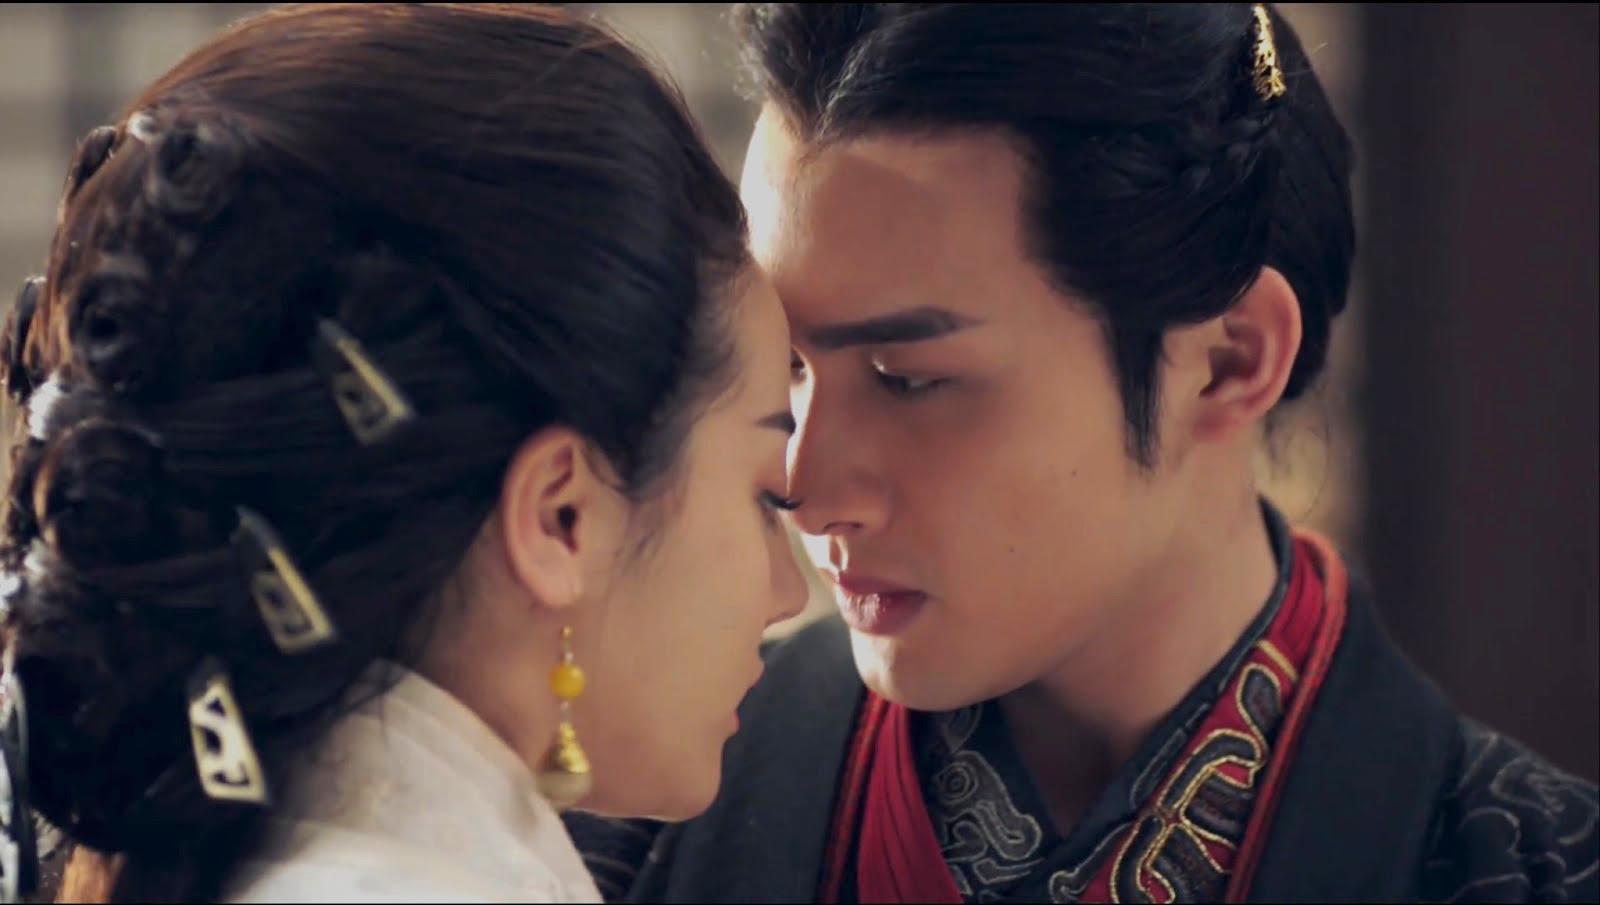 Zhang dating vin Yiyin Zhang